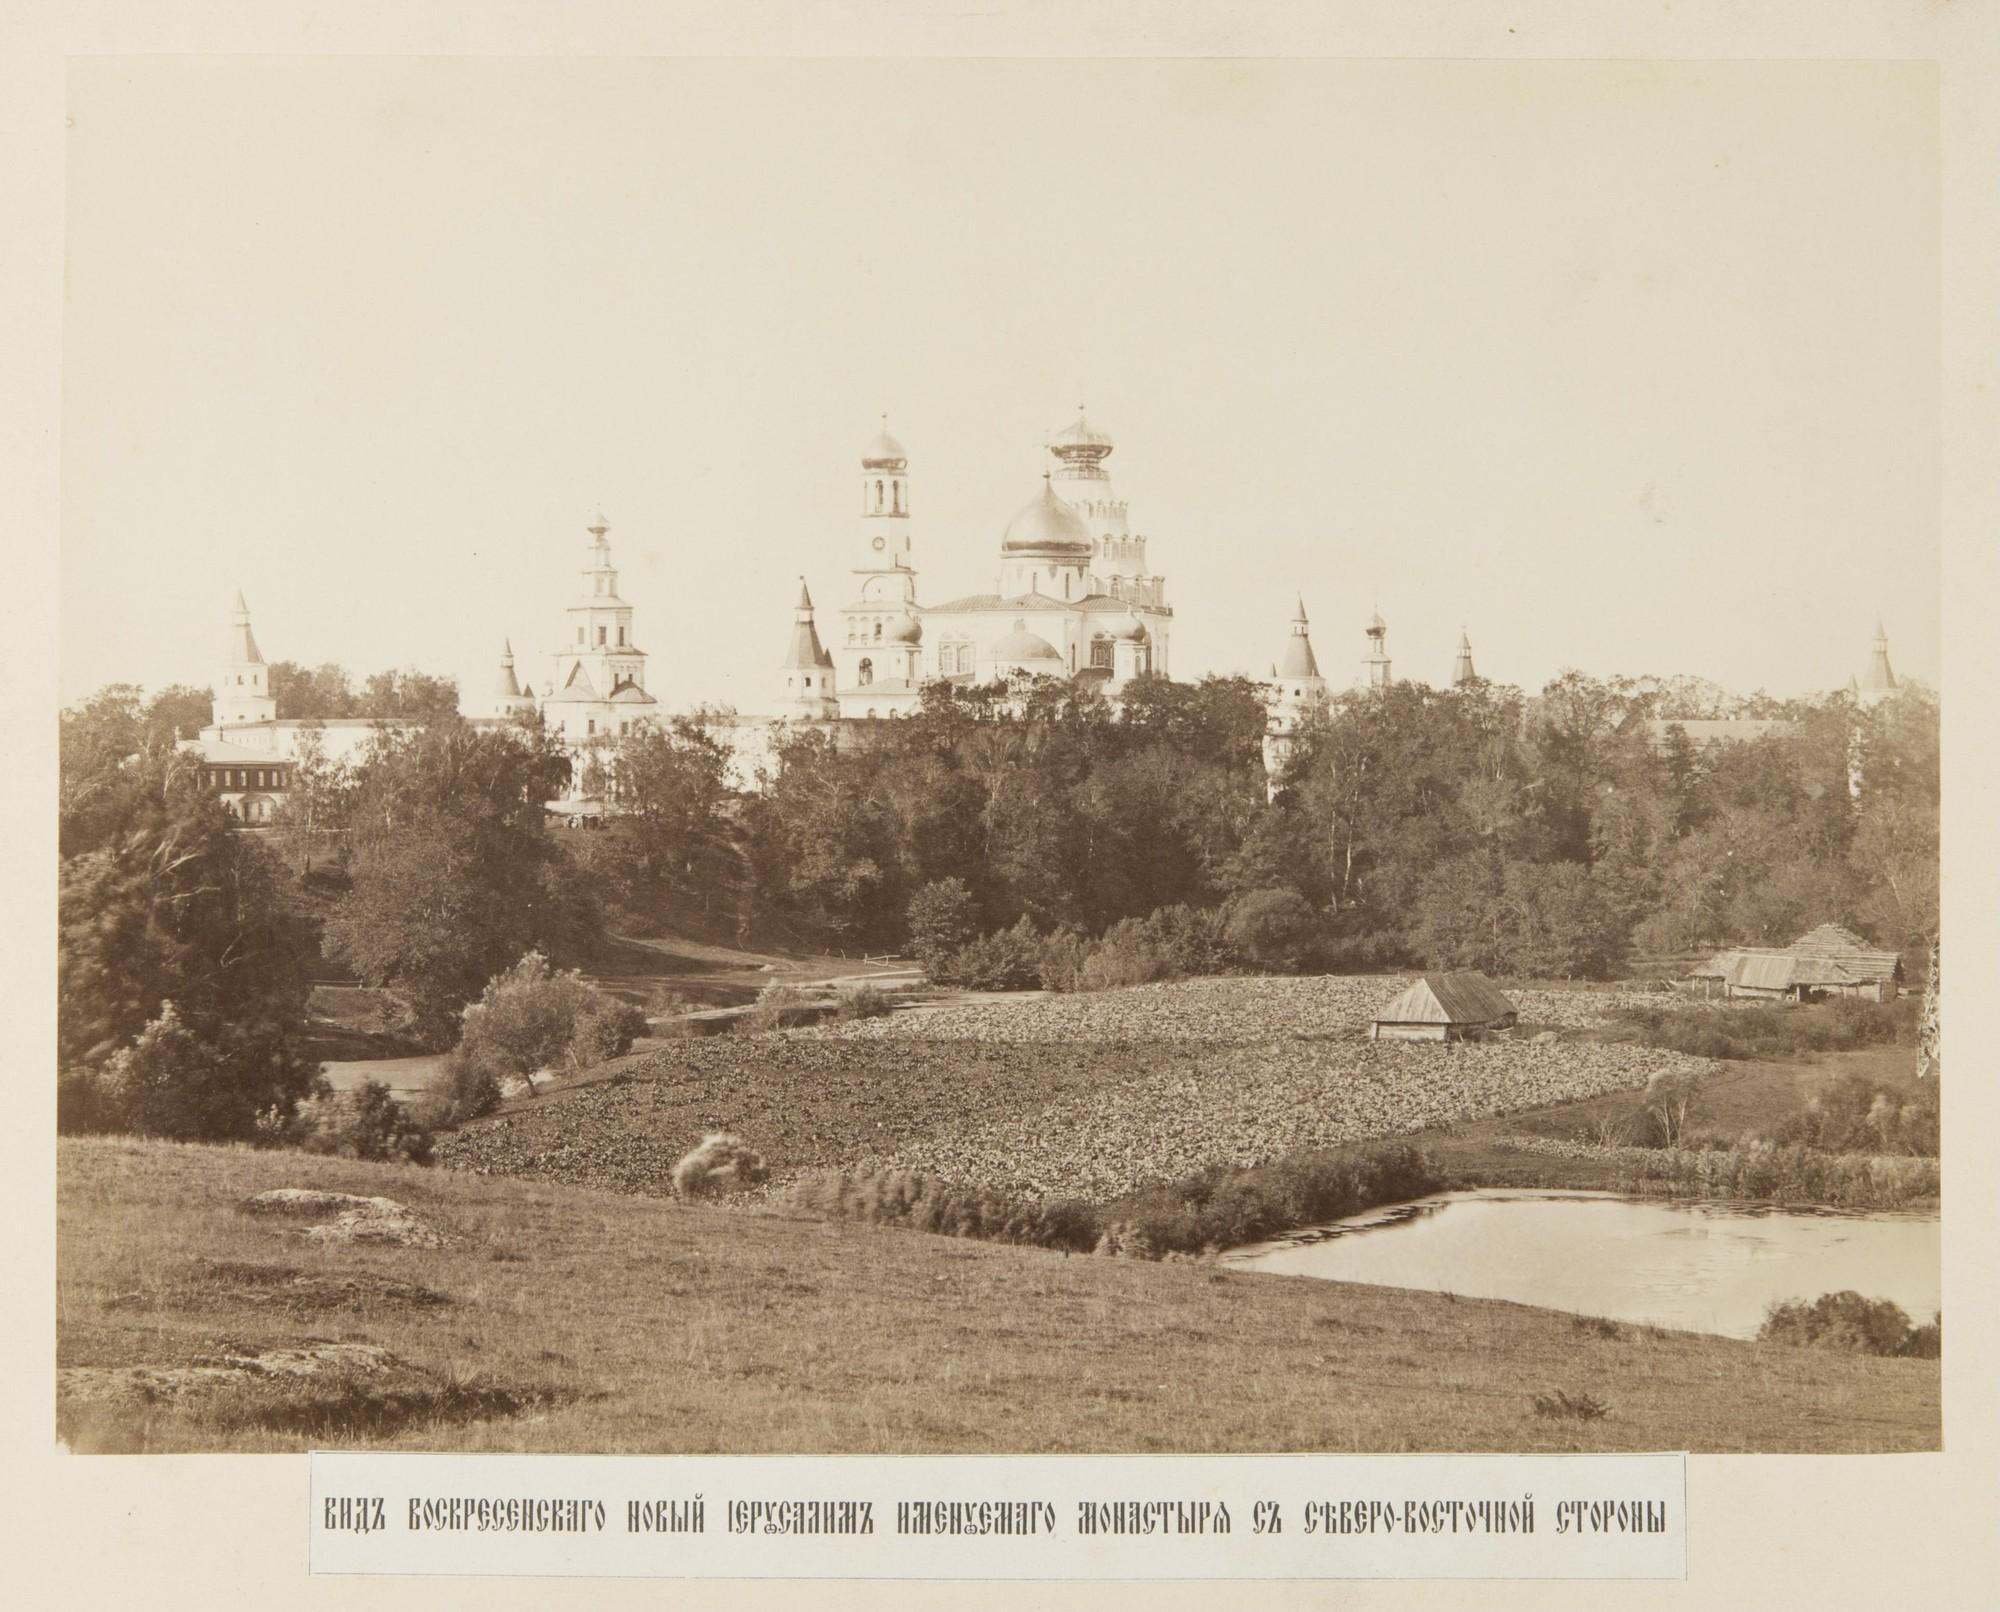 Вид Воскресенского Новоиерусалимского монастыря с северо-восточной стороны